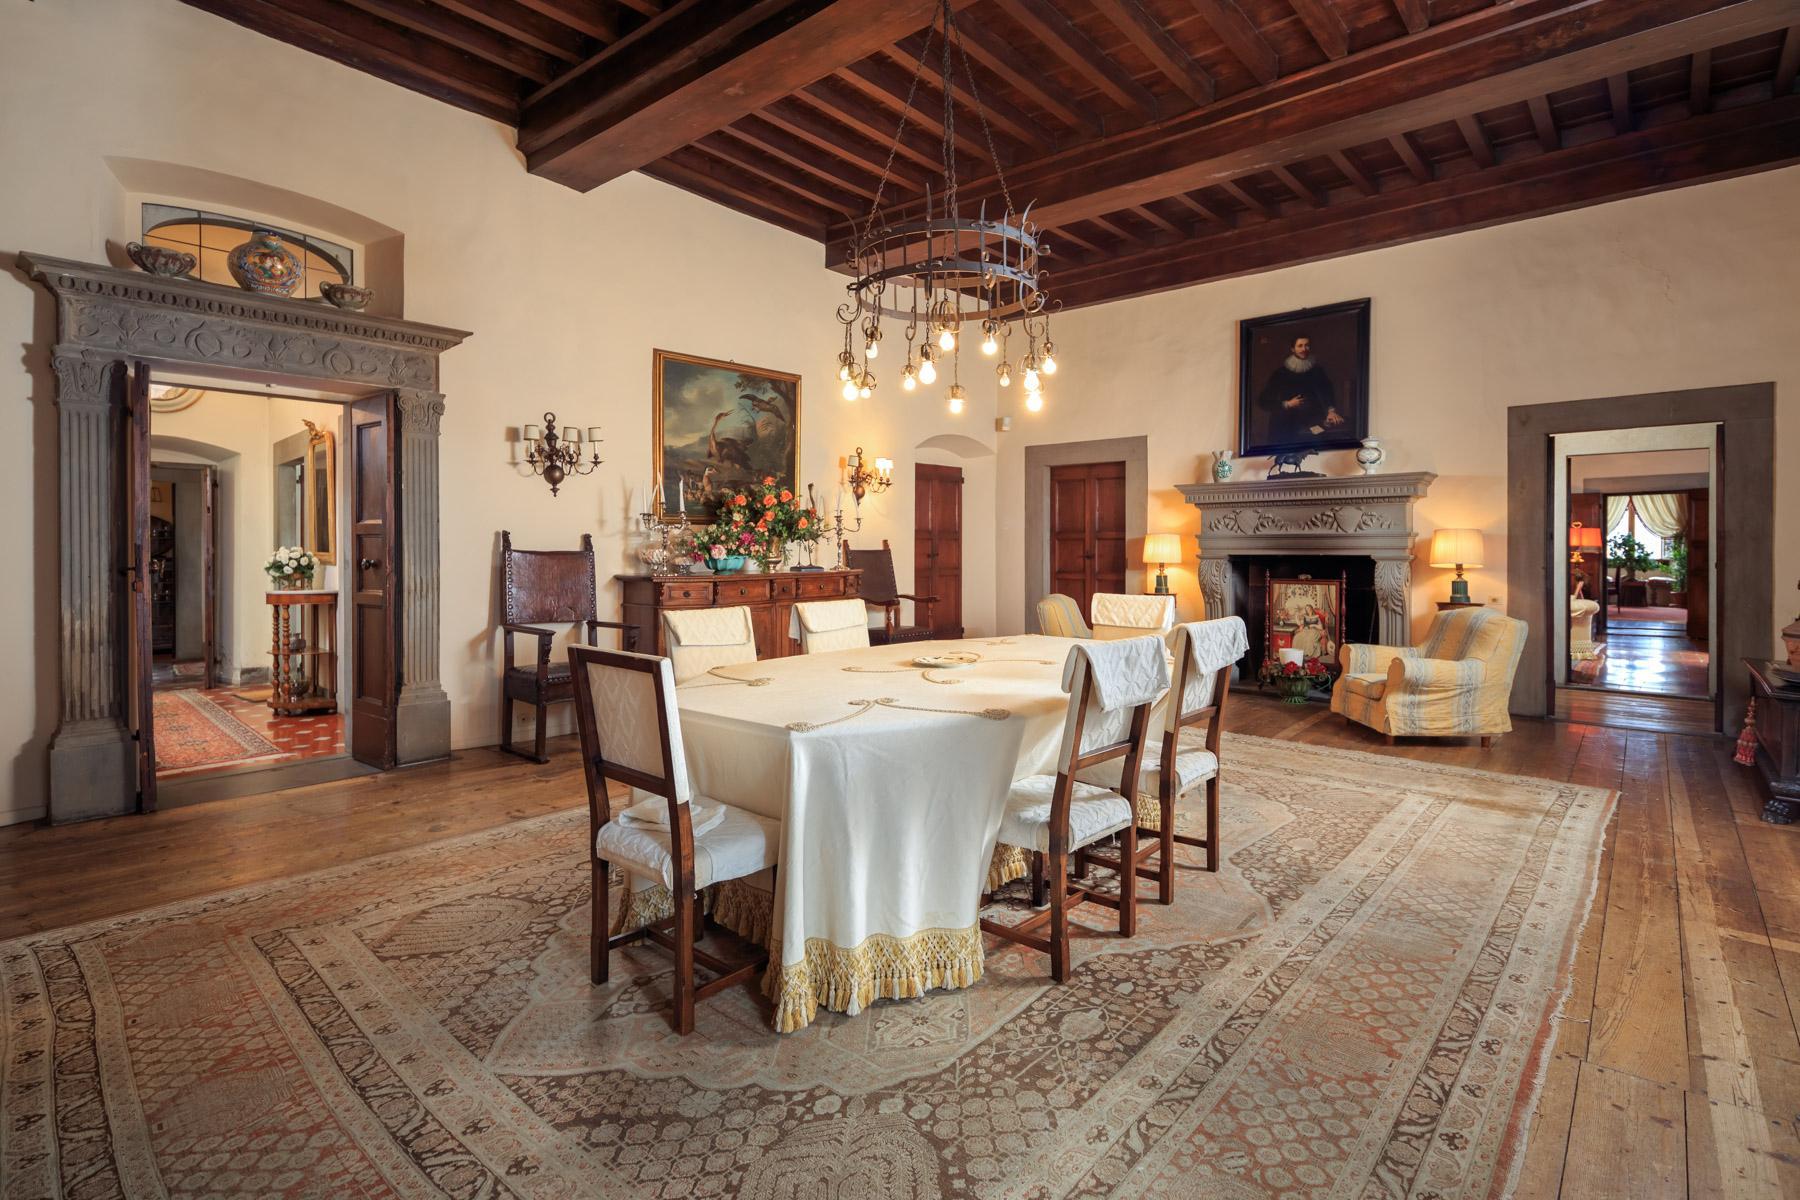 Meravigliosa proprietà con vista mozzafiato su Firenze - 7